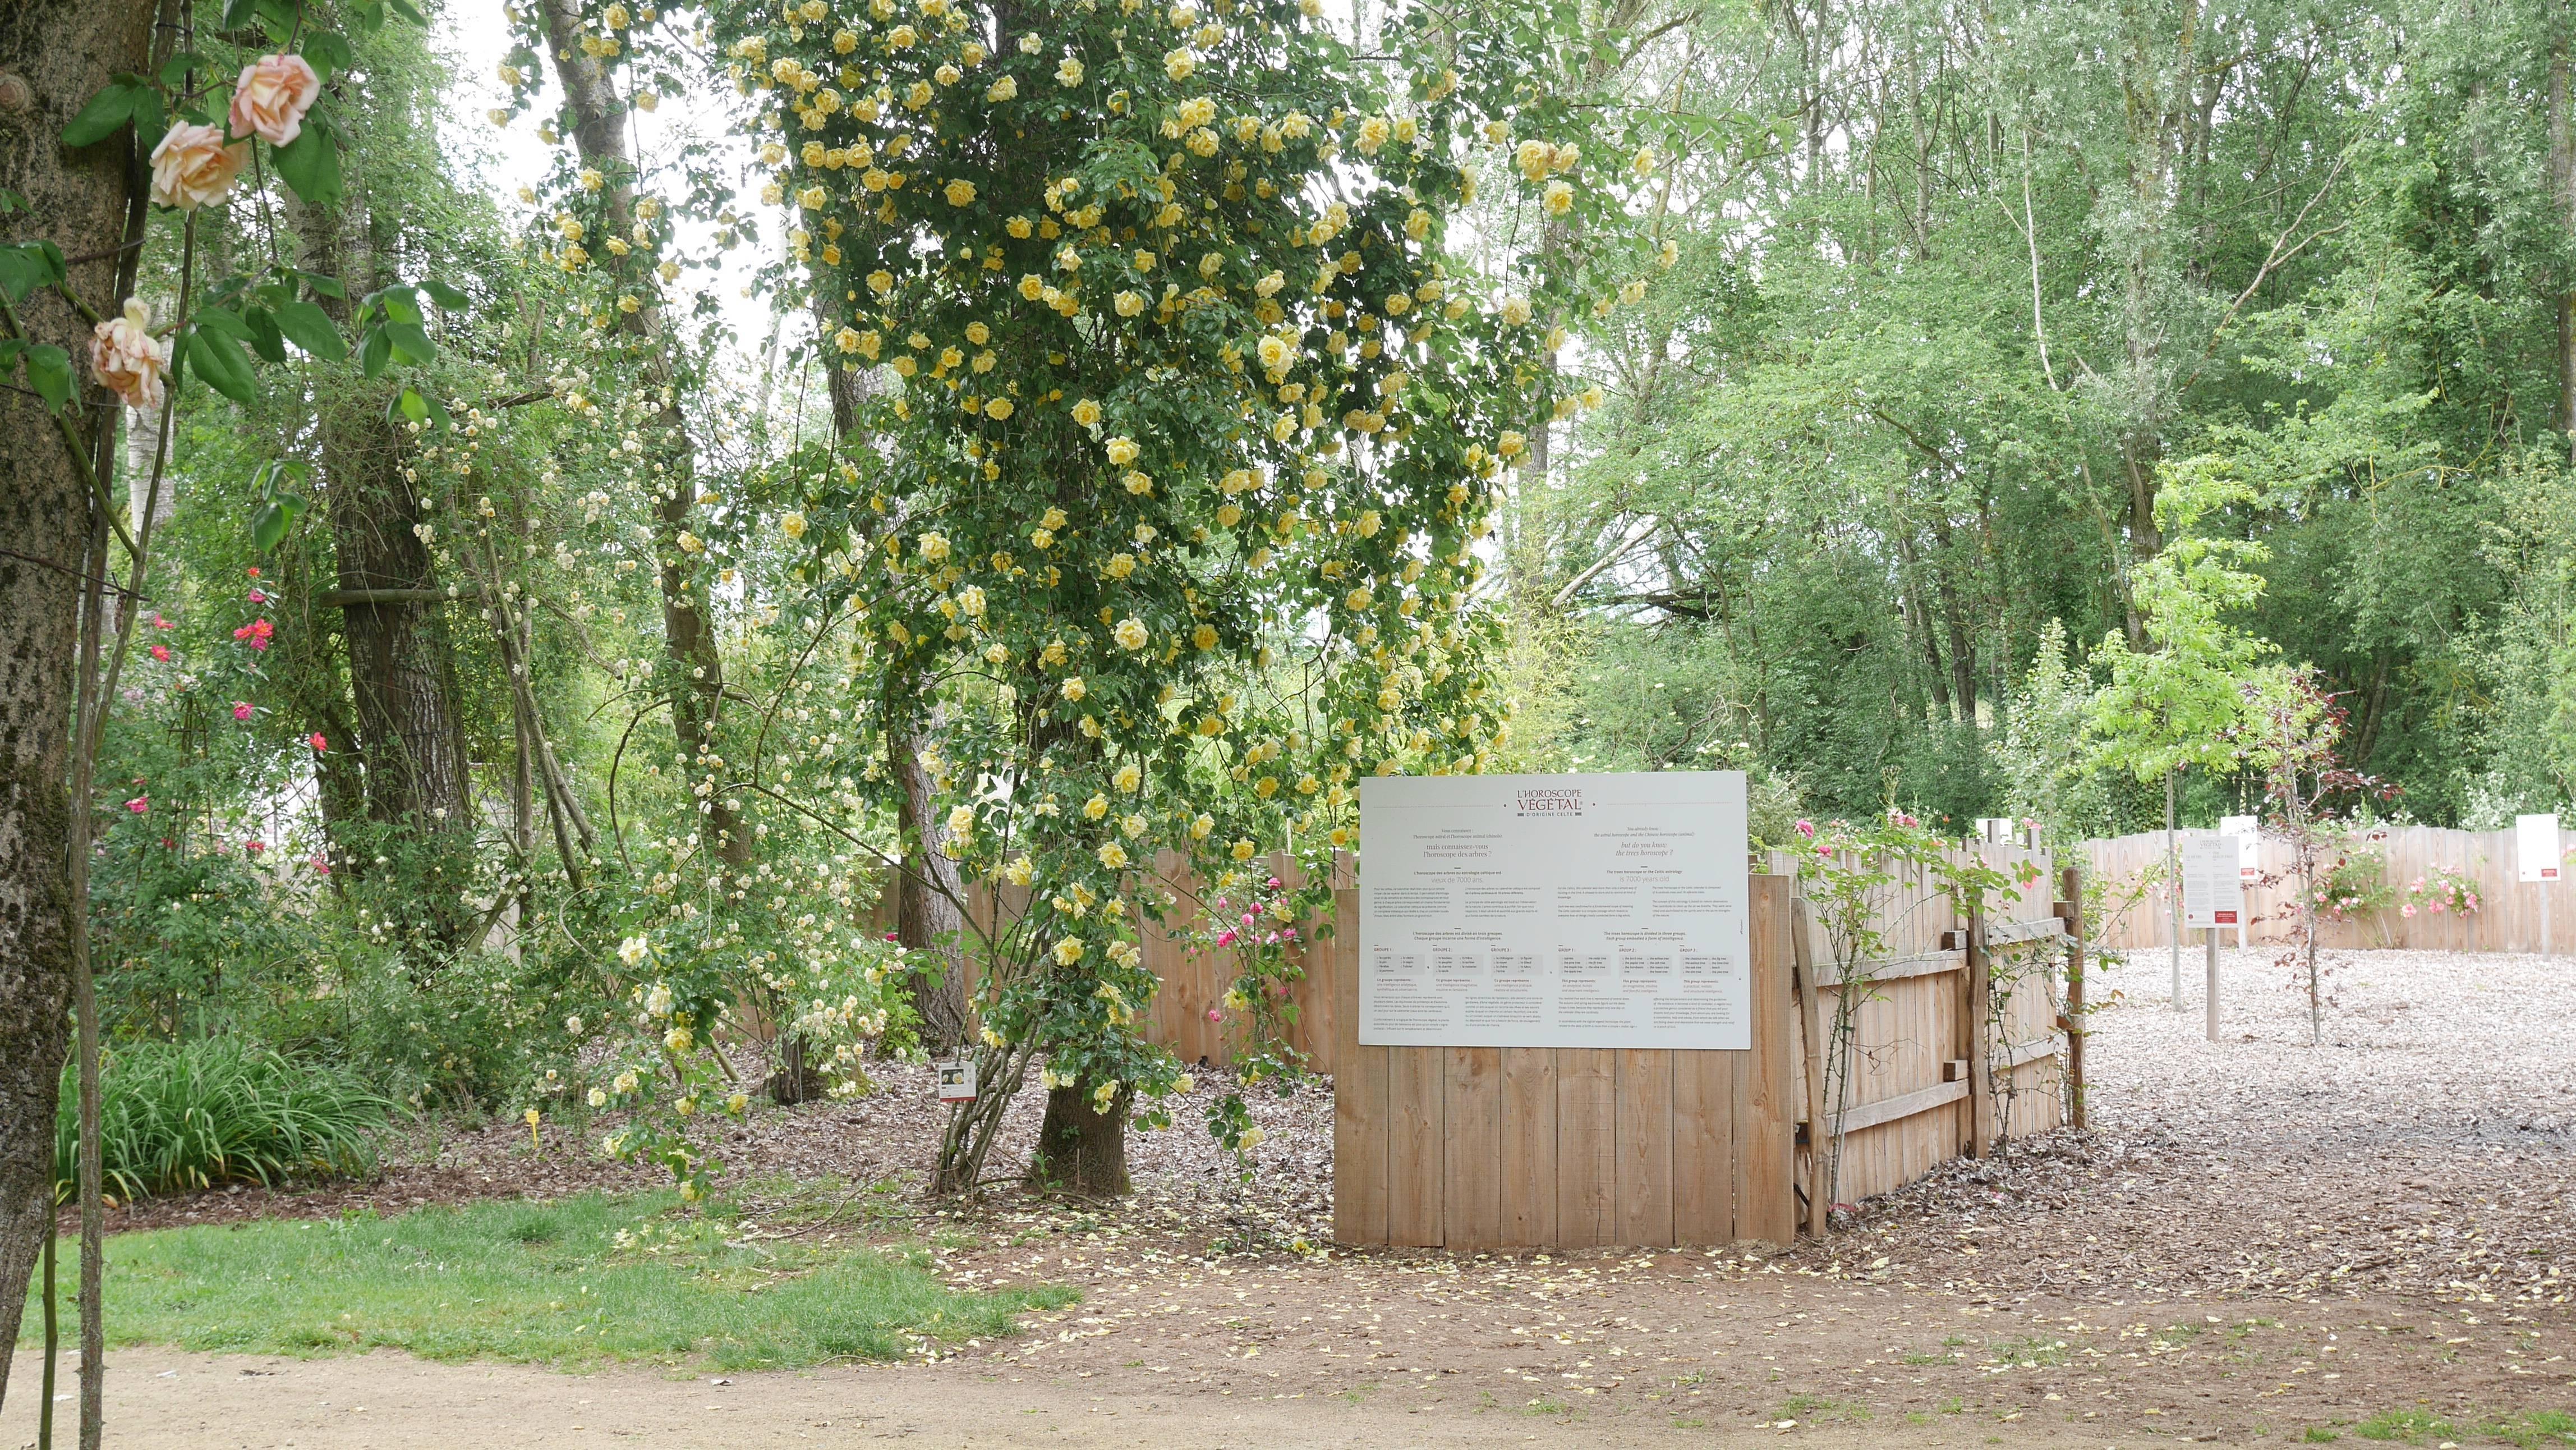 L'horoscope végétal de la roseraie de Doué-la-Fontaine